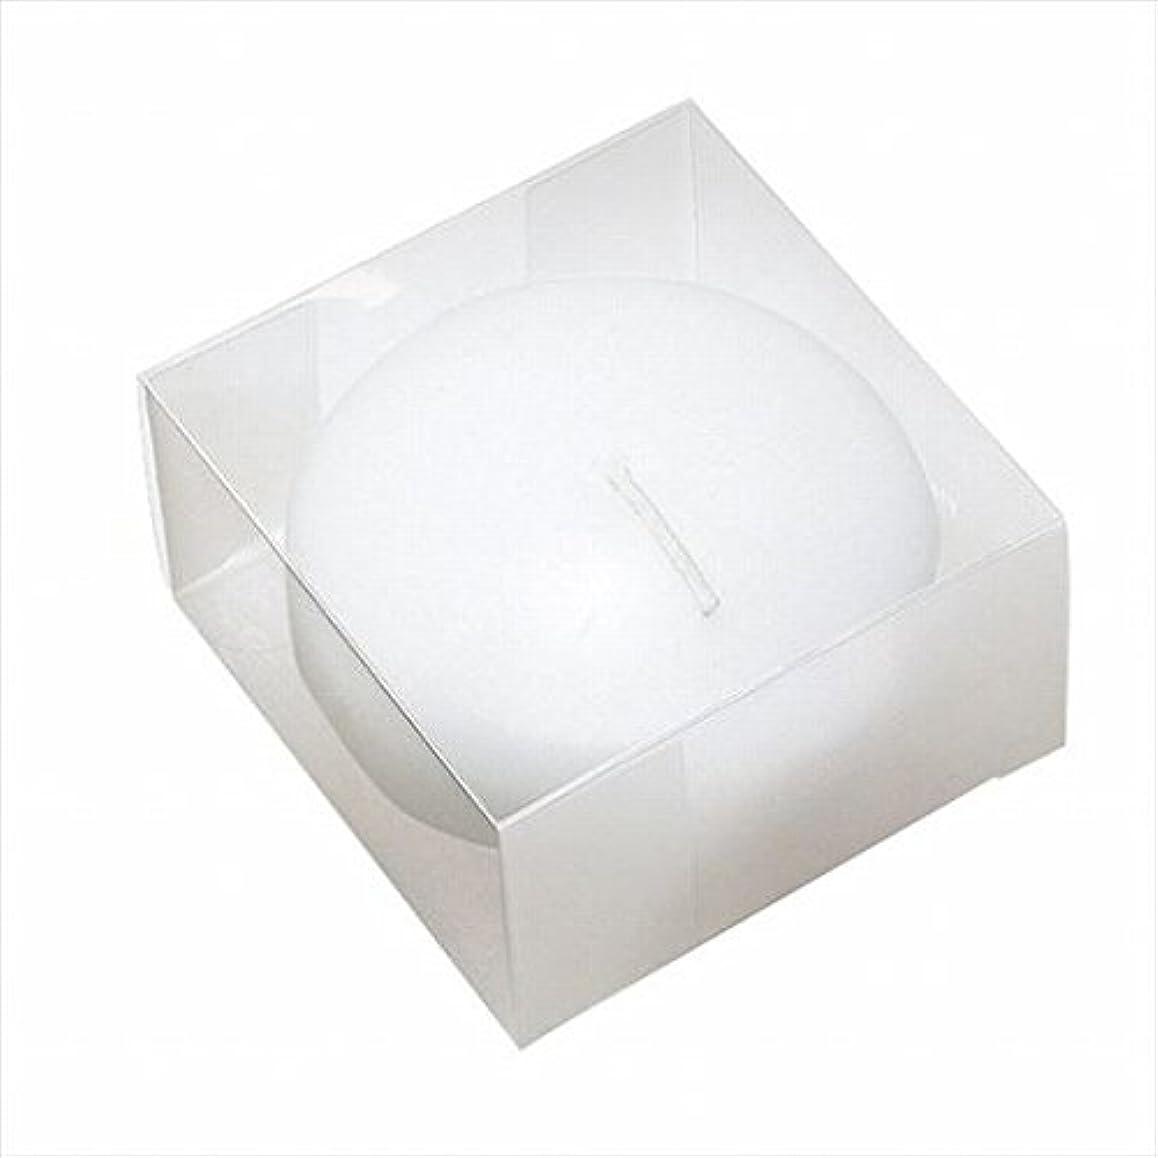 ロマンス歩行者オズワルドカメヤマキャンドル(kameyama candle) プール80(箱入り) 「 ホワイト 」